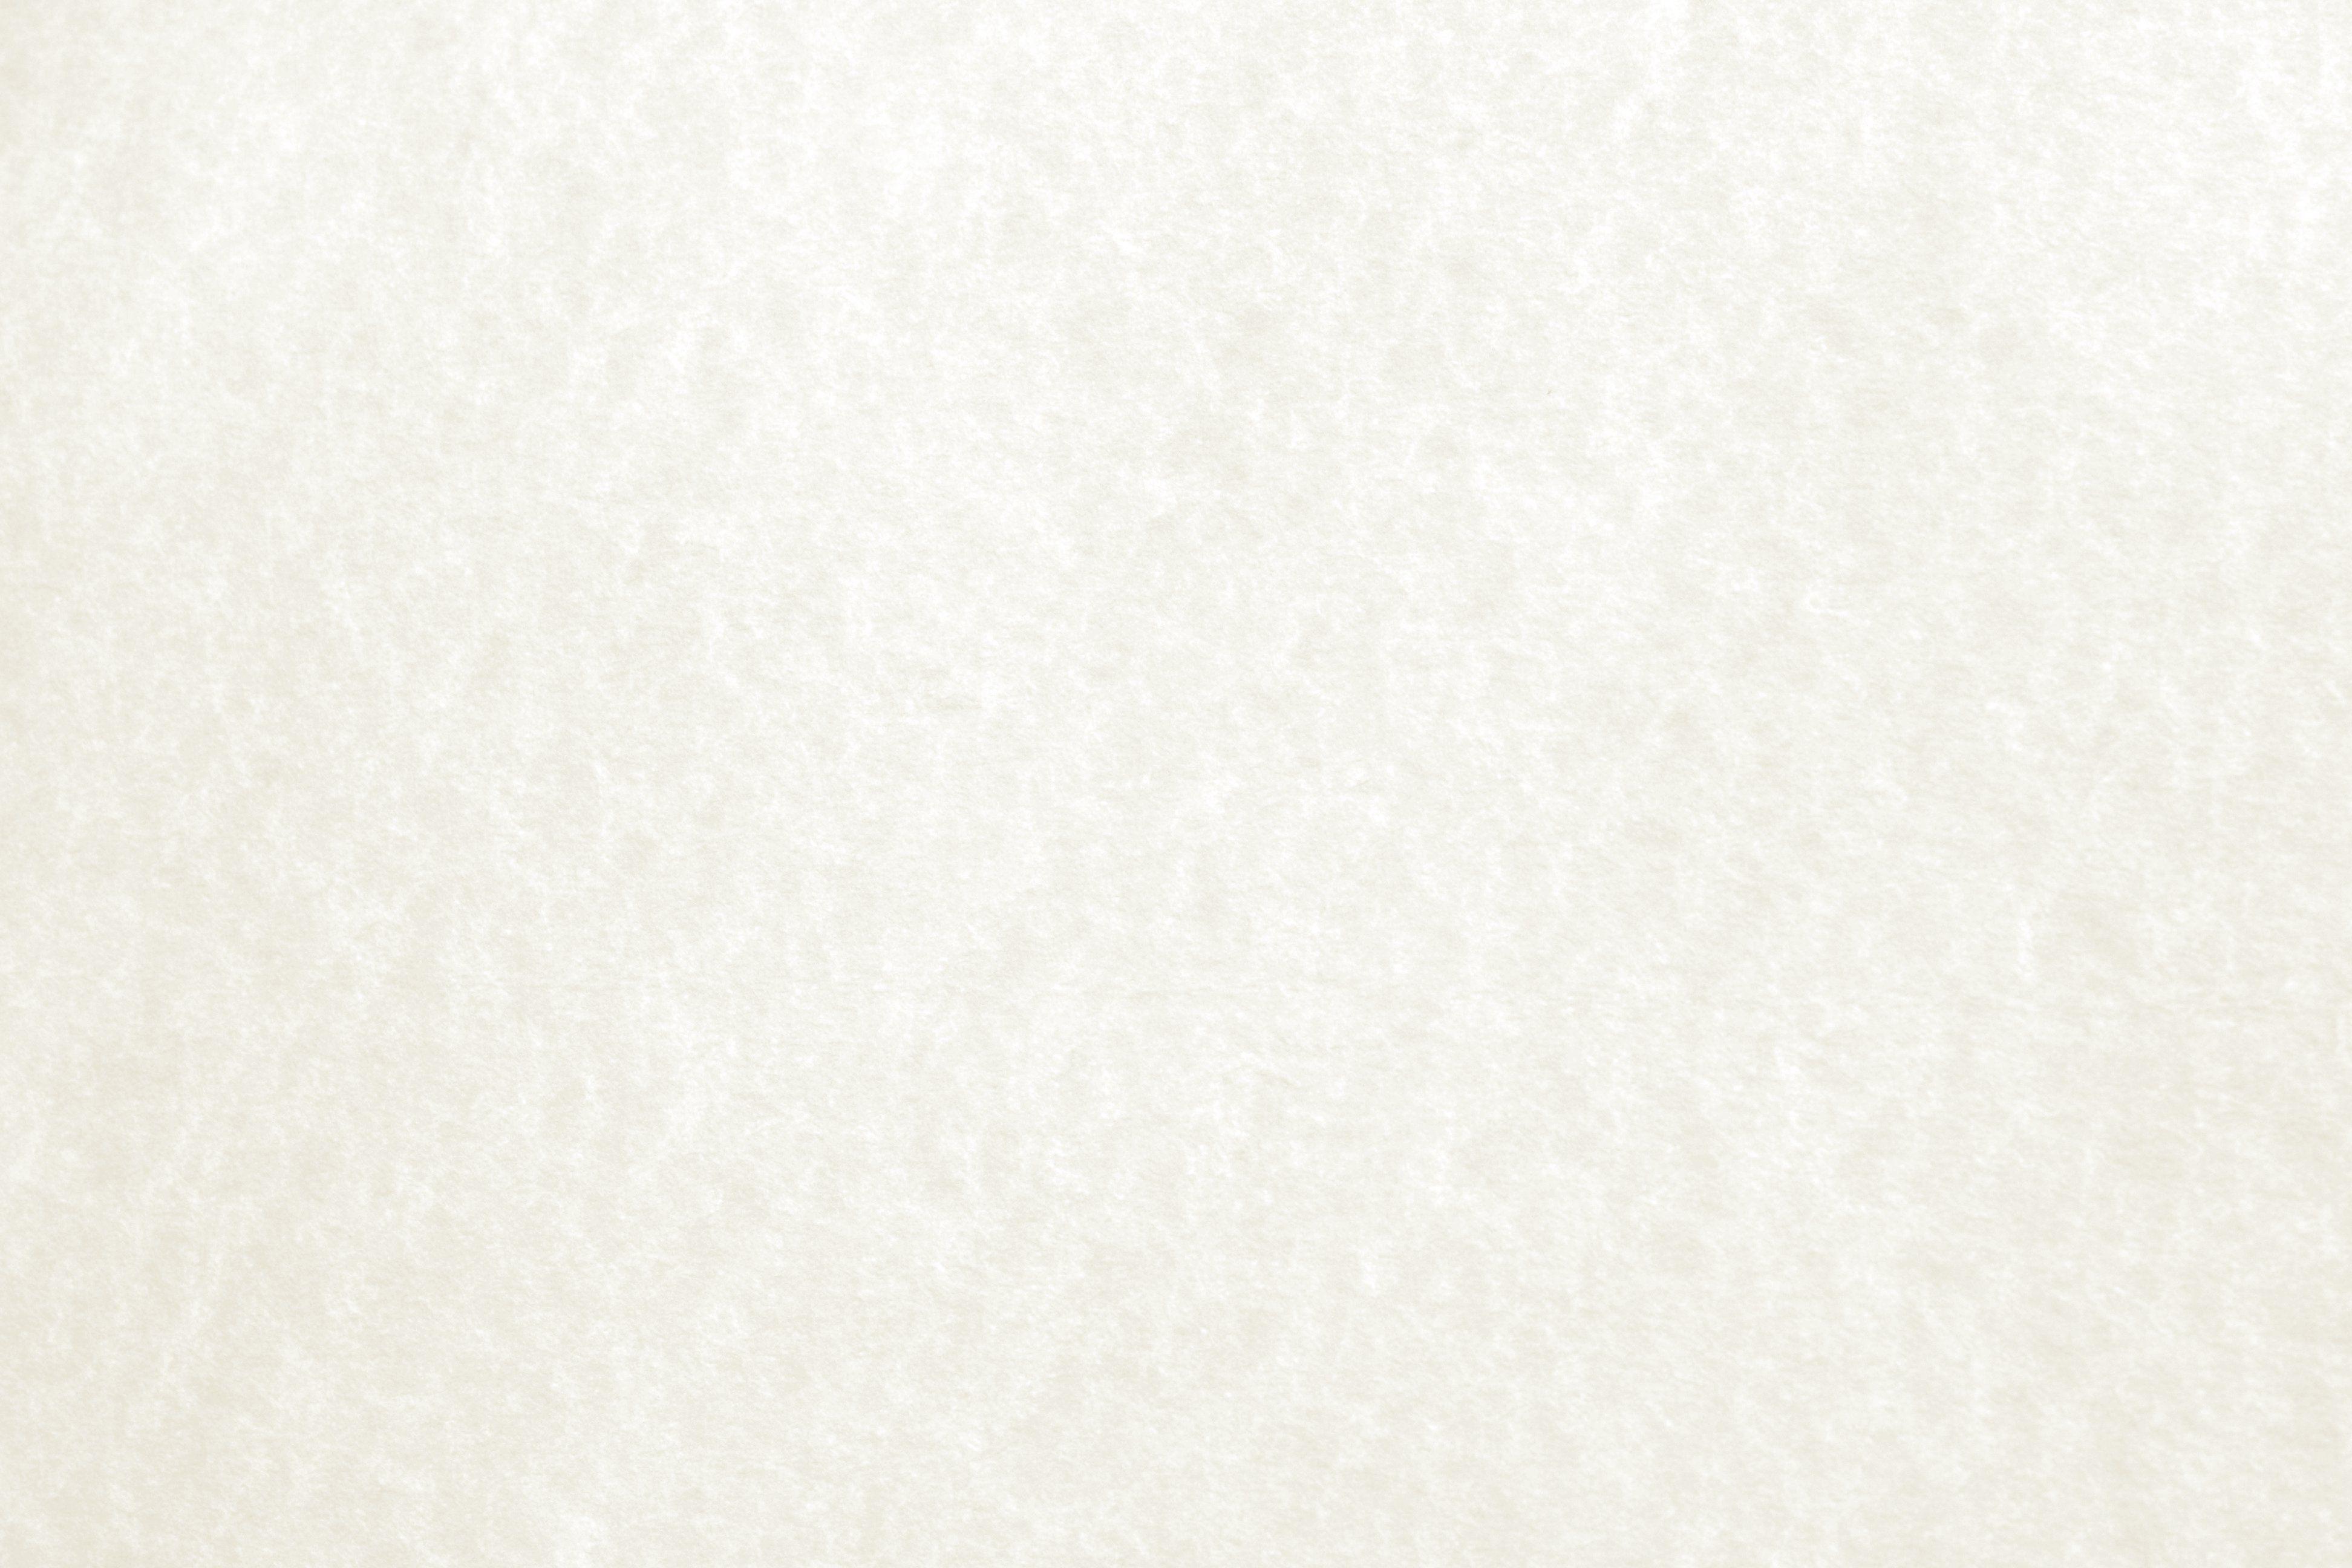 white-parchment-paper-texture.jpg (3888×2592) | textures | Pinterest ...